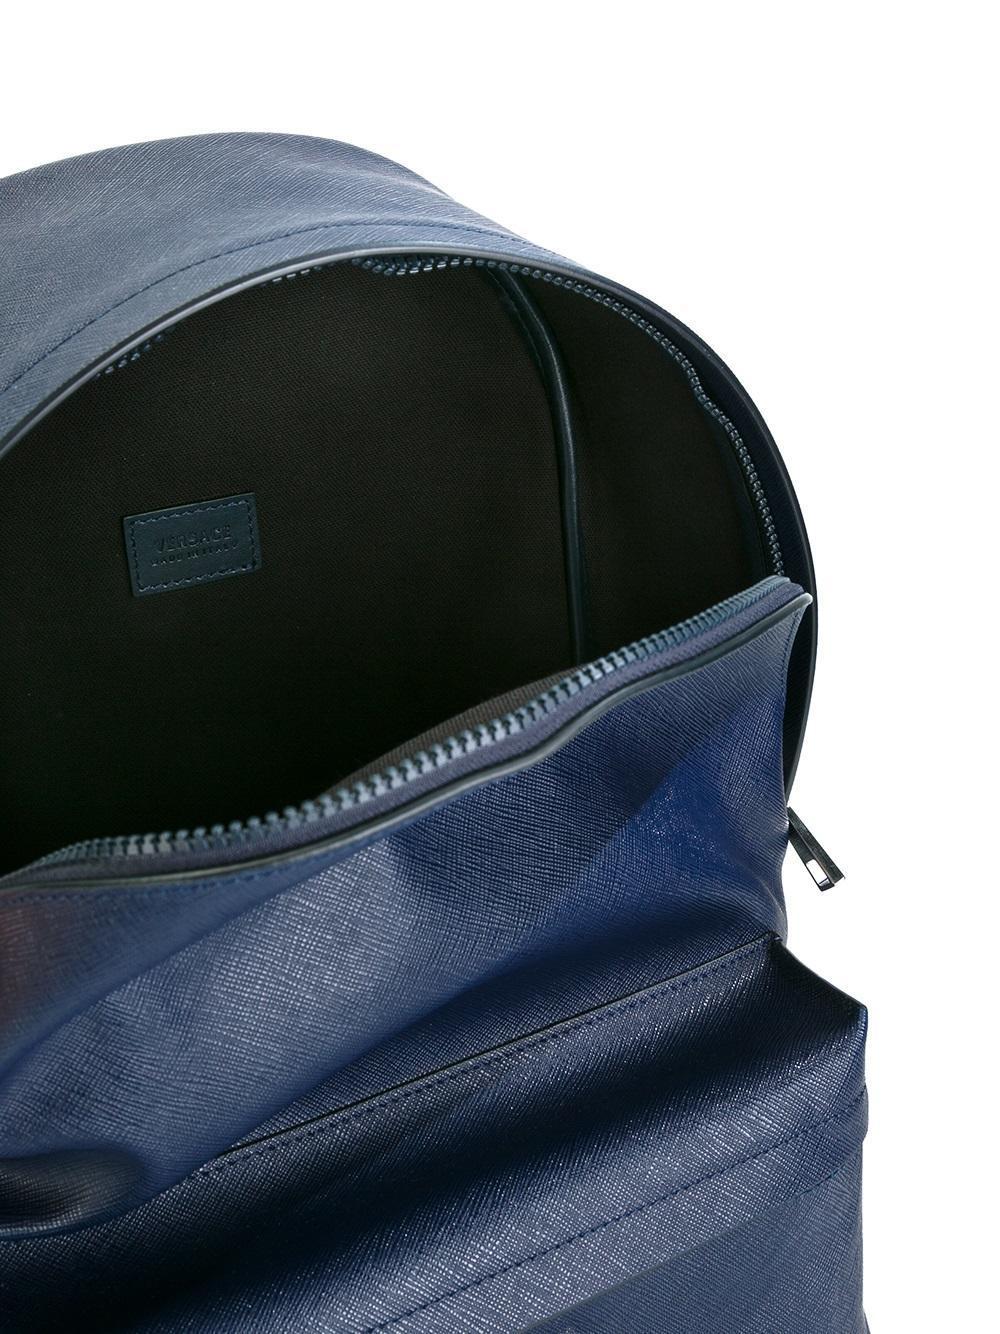 Versace Medusa Backpack In Blue For Men Lyst